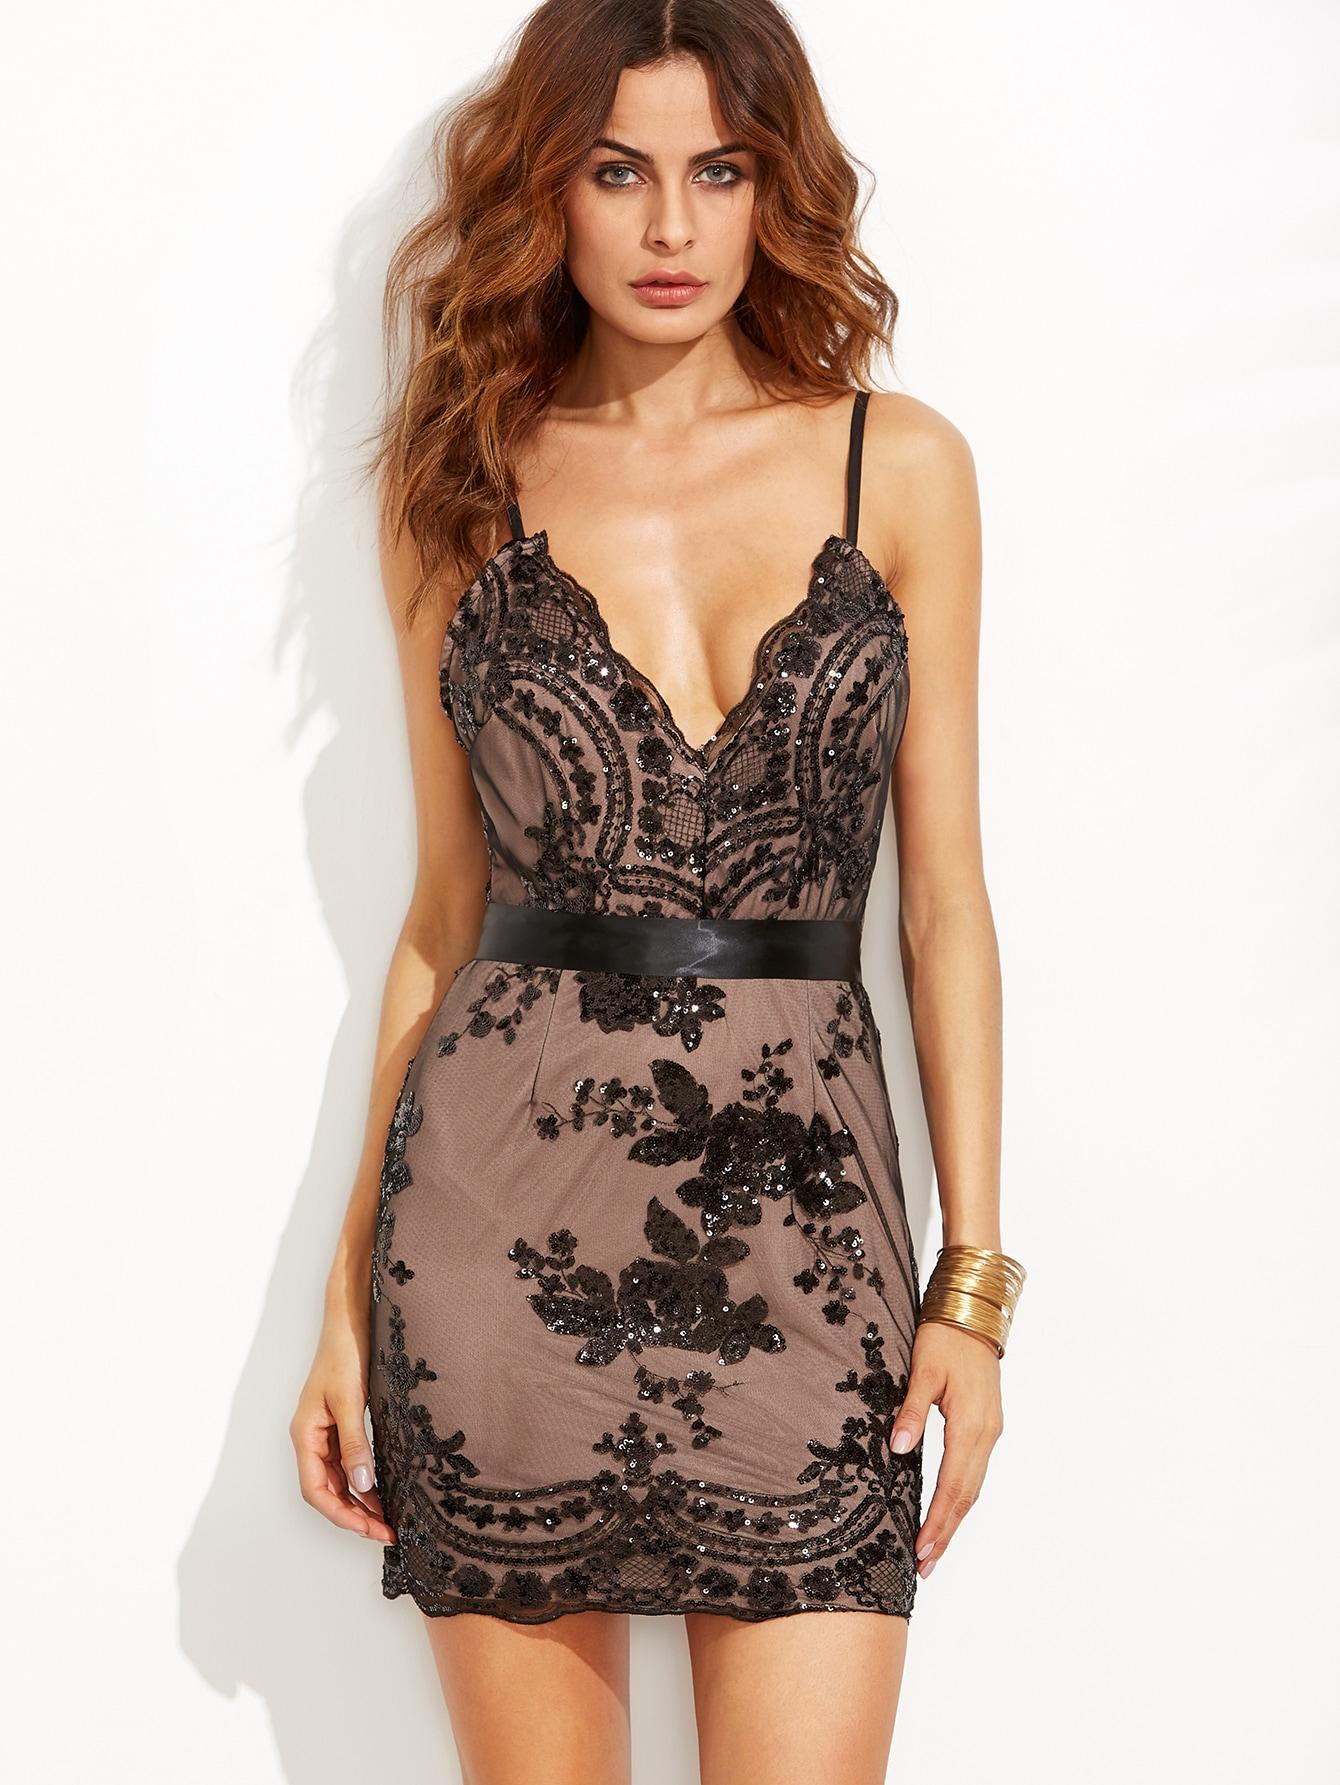 e99f548b3745 Black Spaghetti Strap Open Back Sequins Bodycon Dress EmmaCloth ...